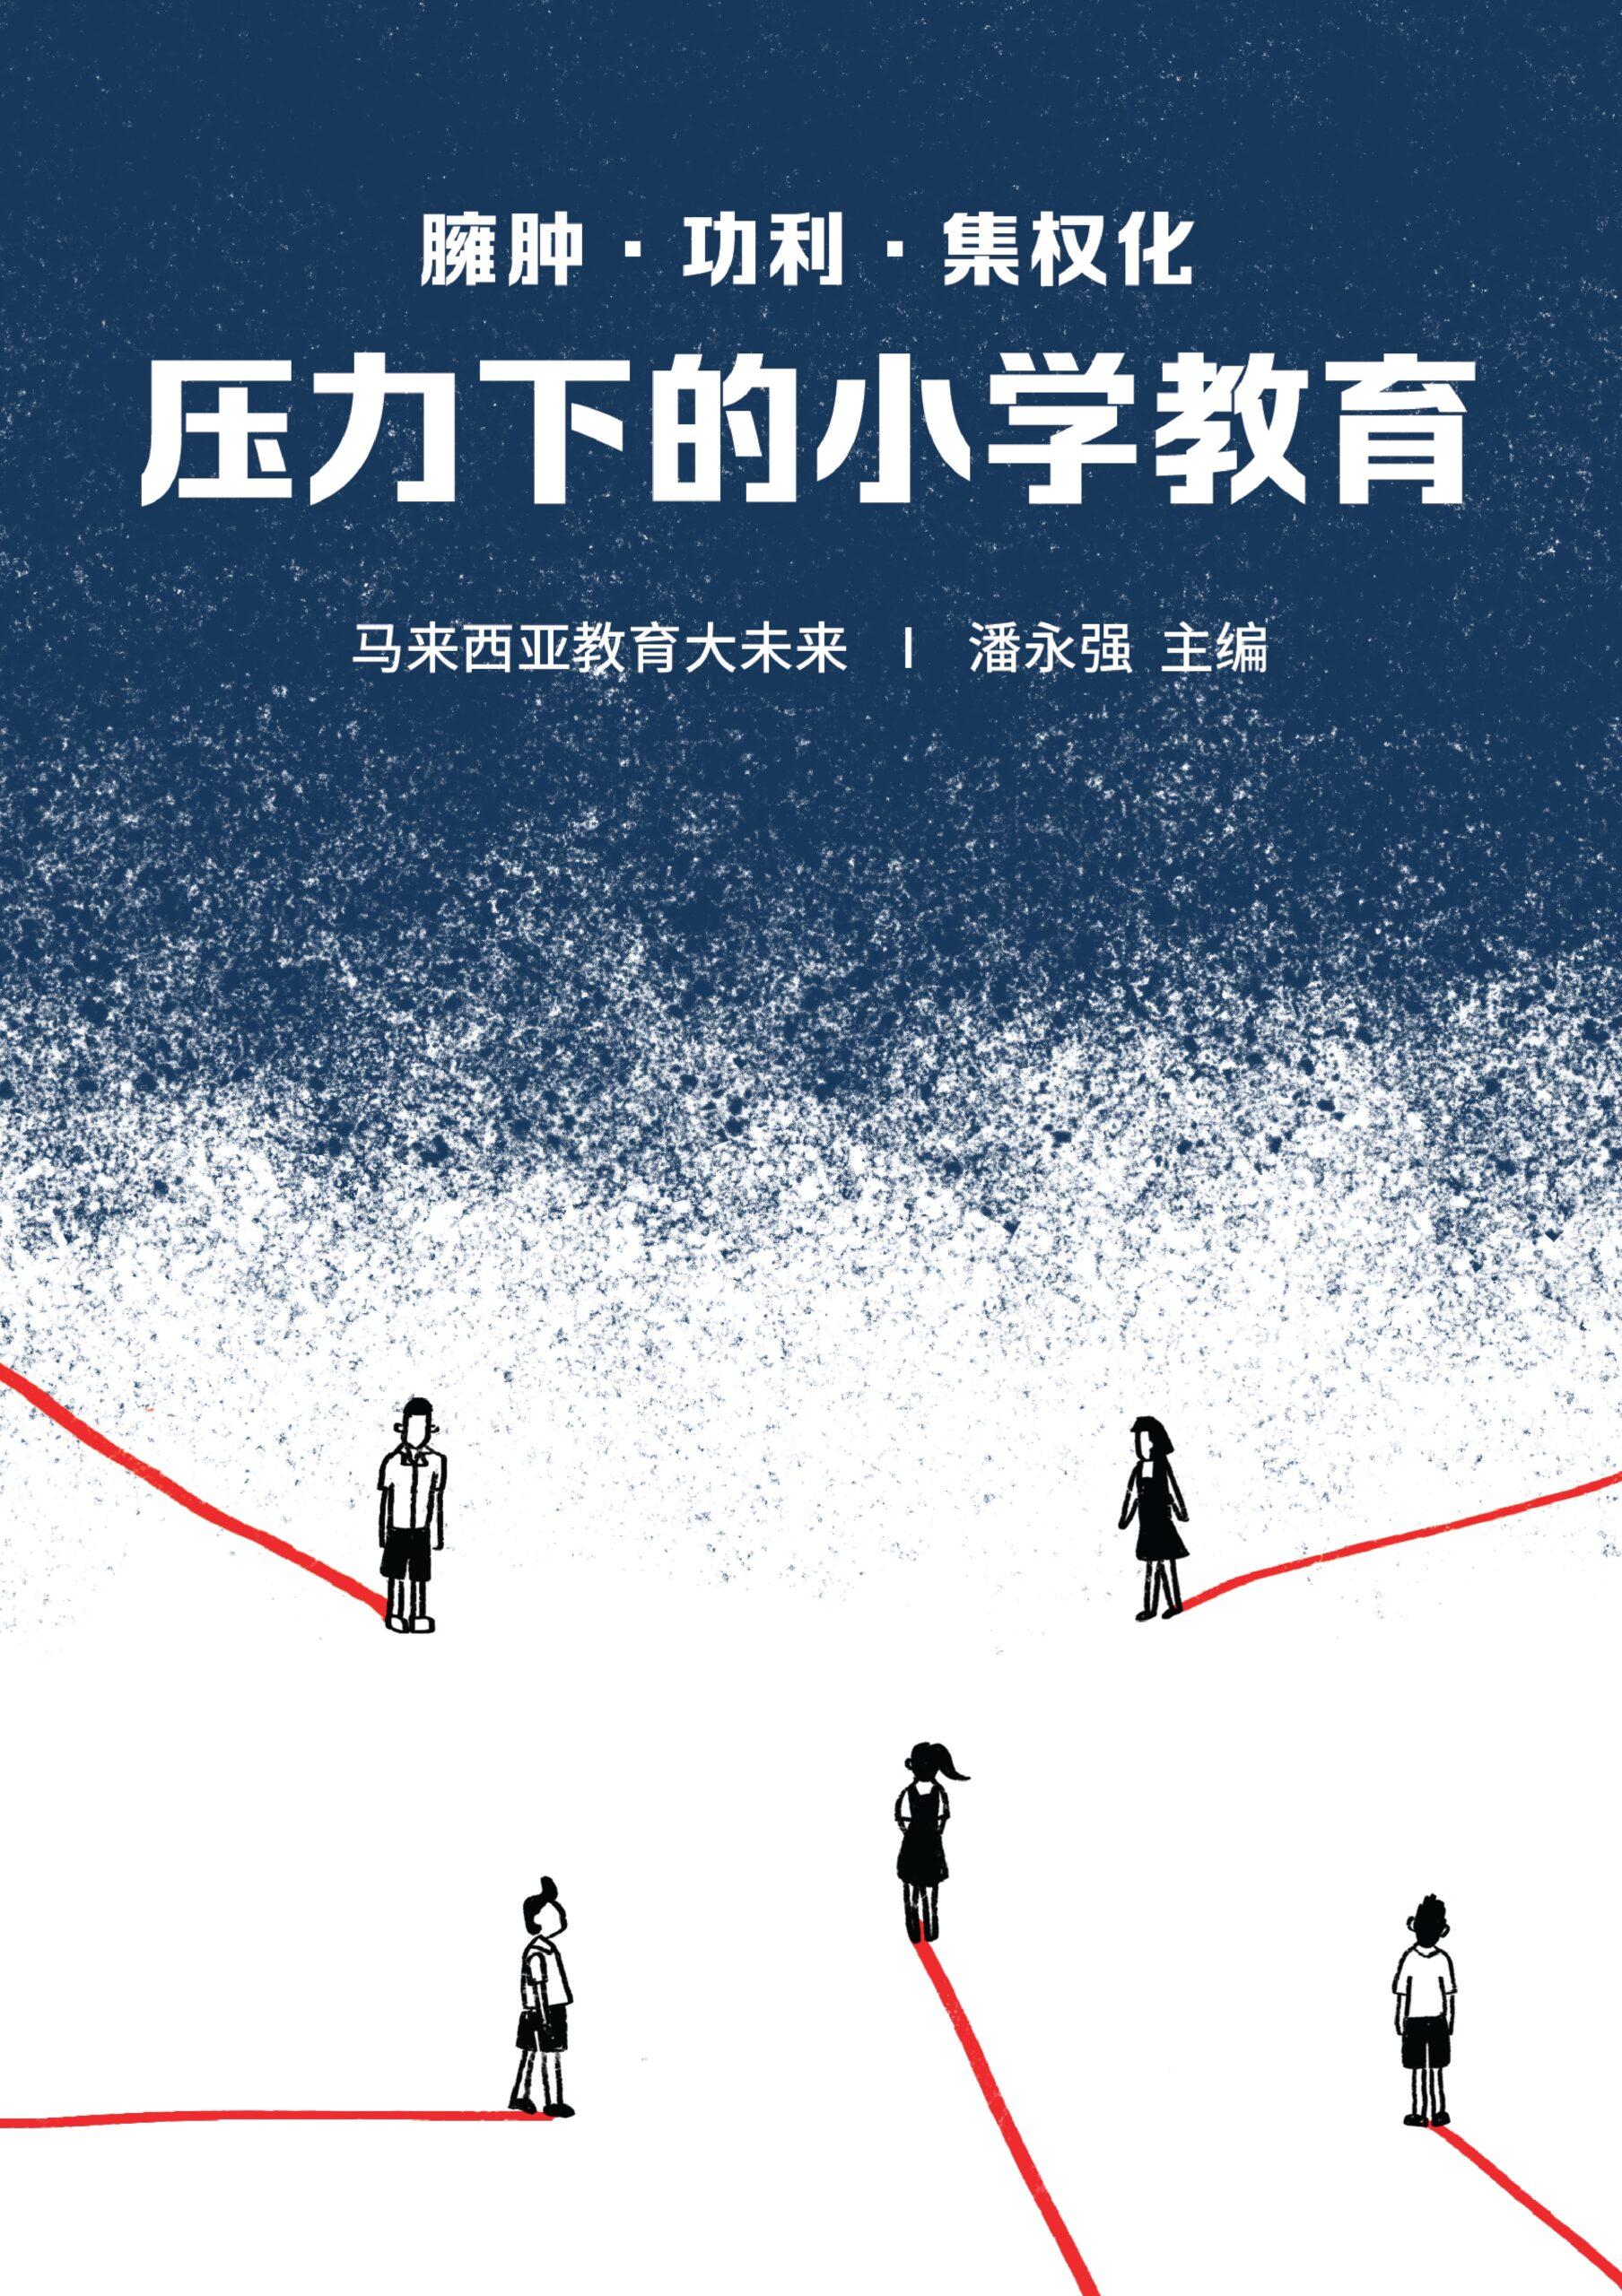 【书讯】臃肿·功利·集权化——压力下的小学教育